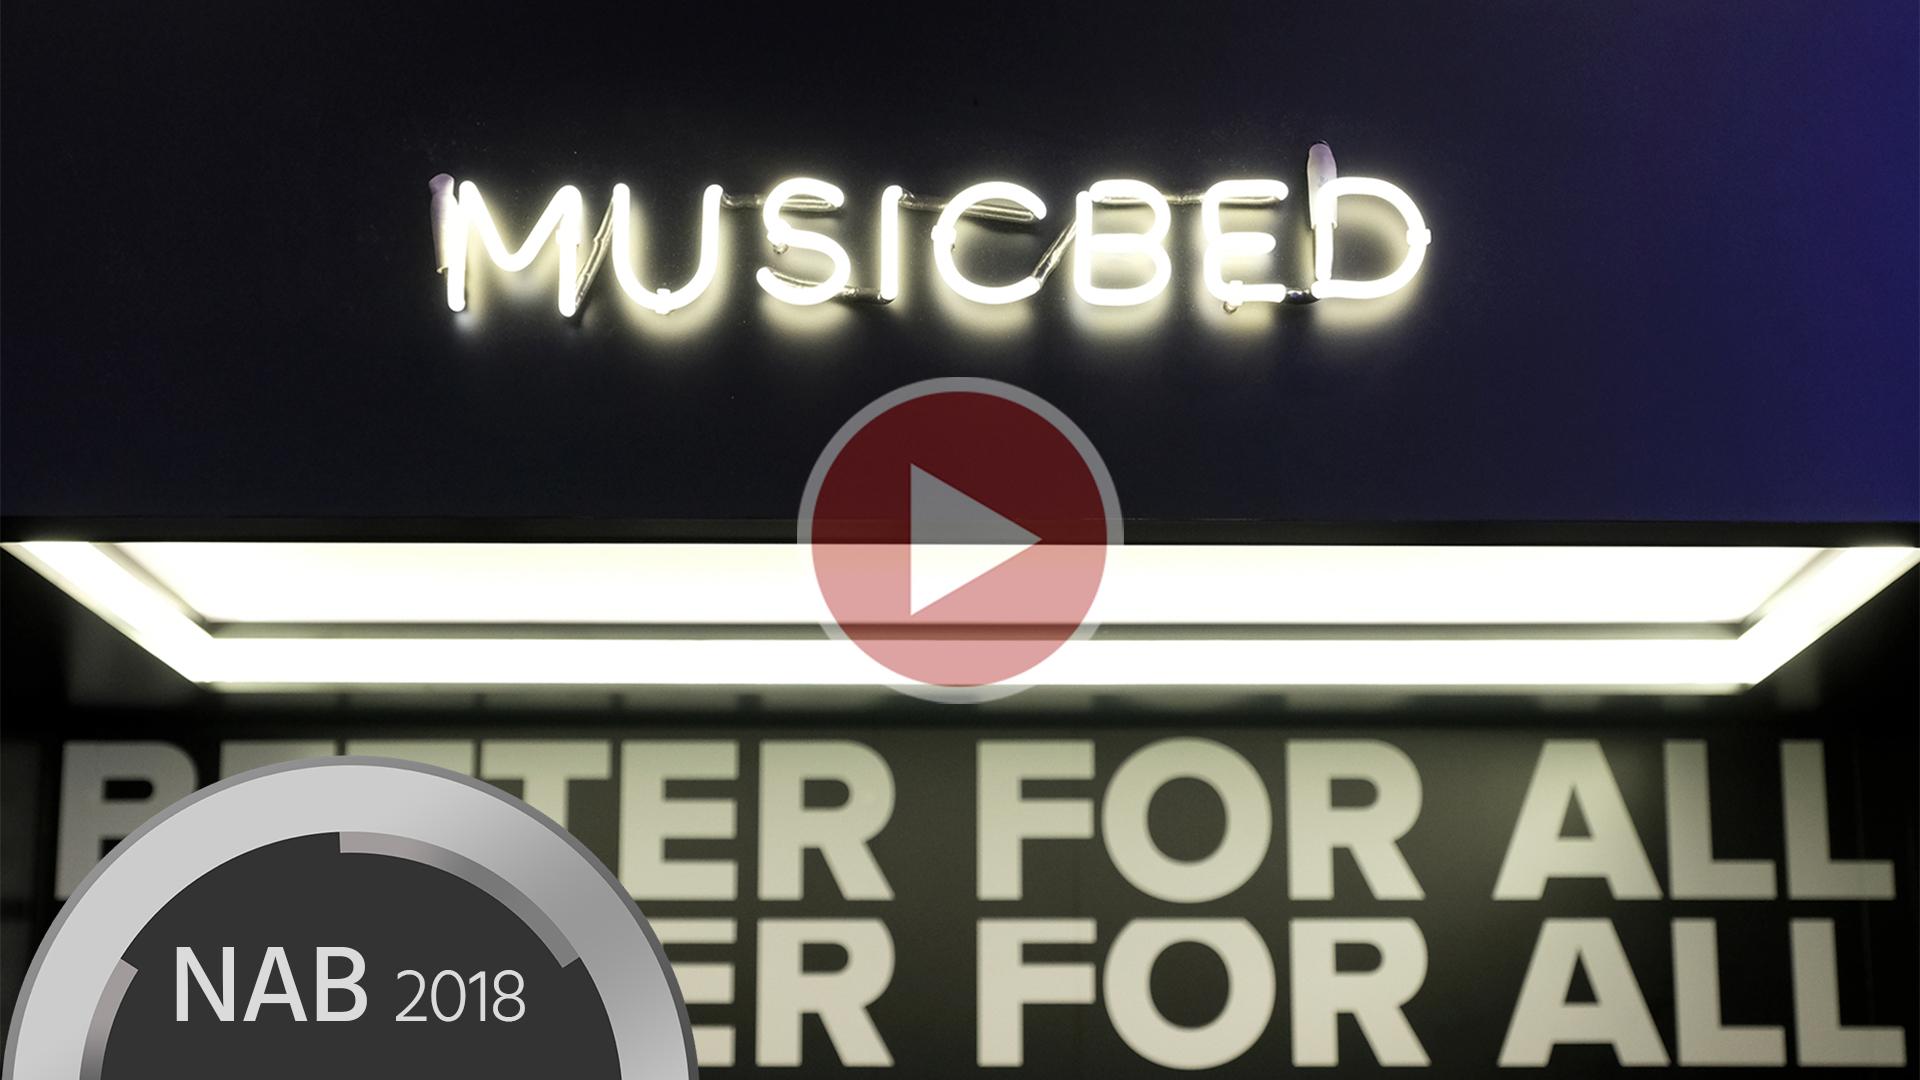 Musicbedメンバーシップ – 無制限で使える楽曲ライセンスを追加